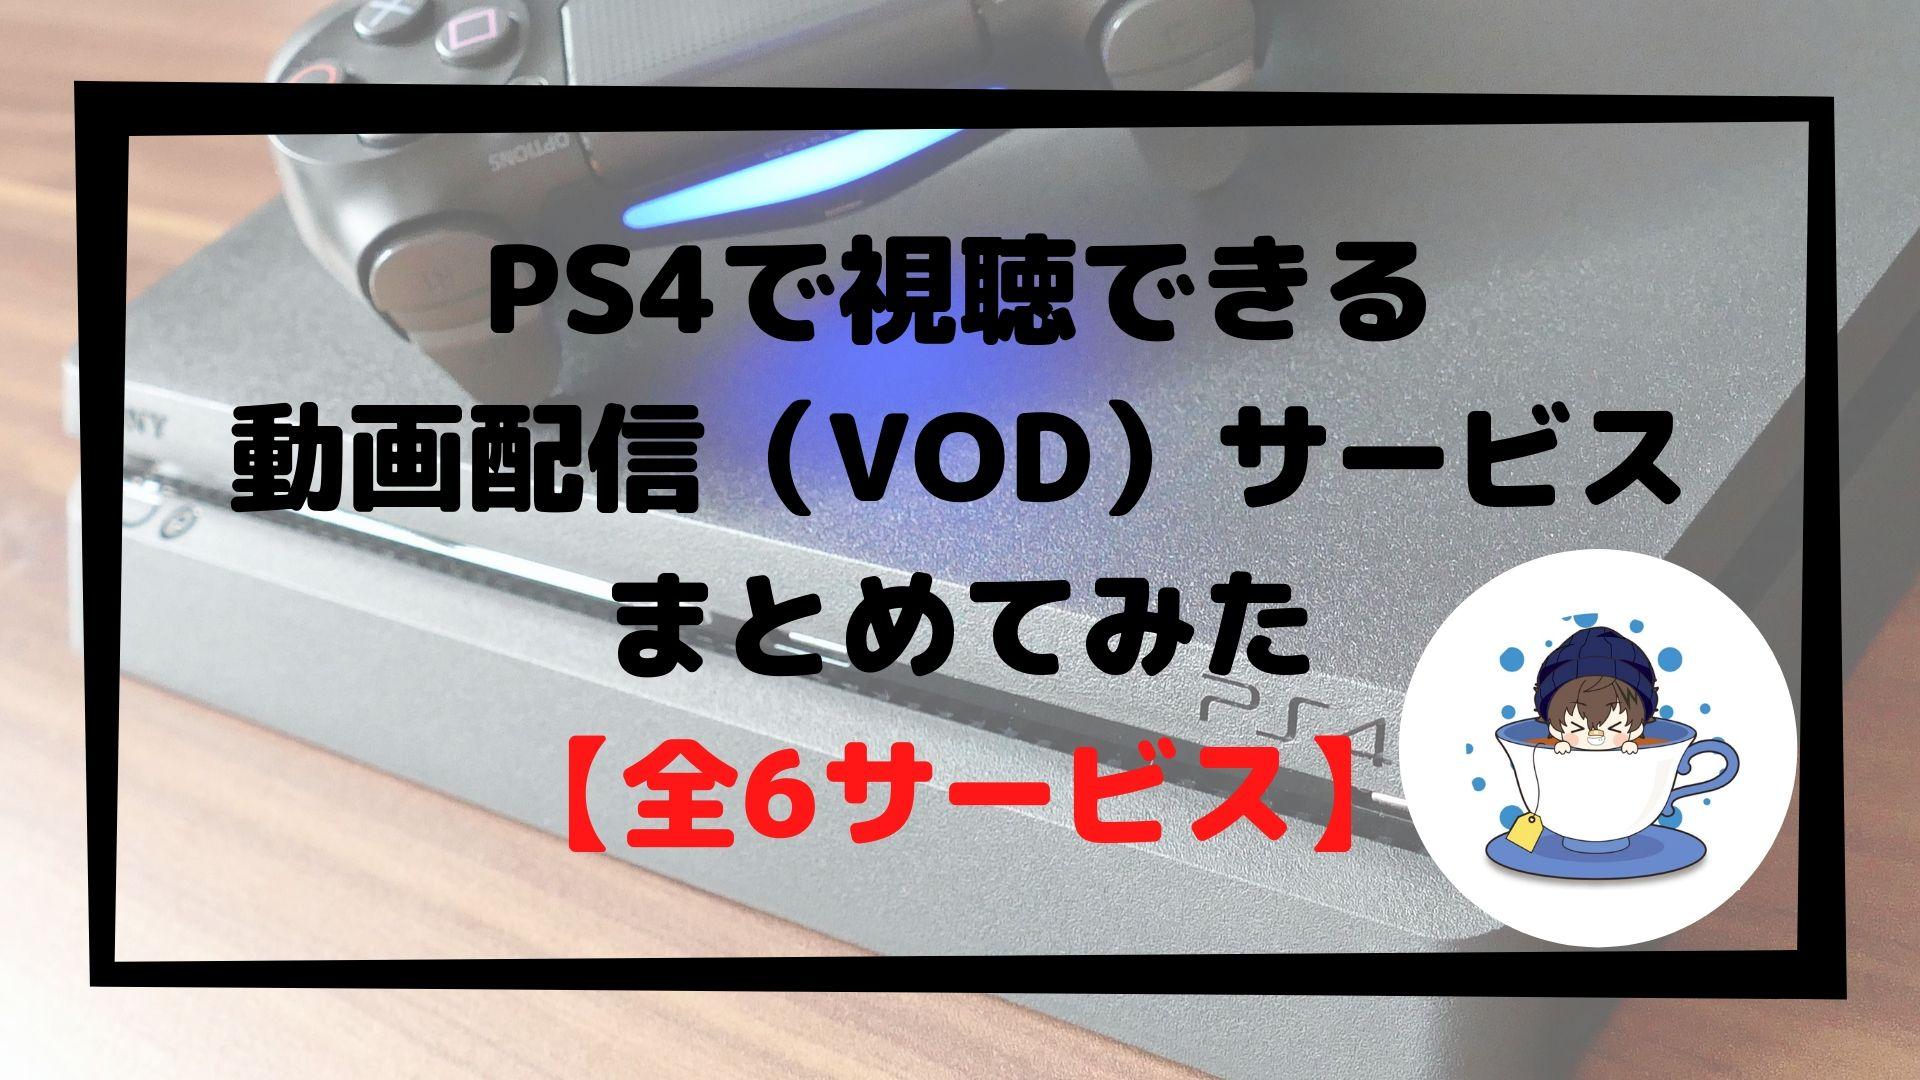 PS4で視聴できる動画配信(VOD)サービス一覧